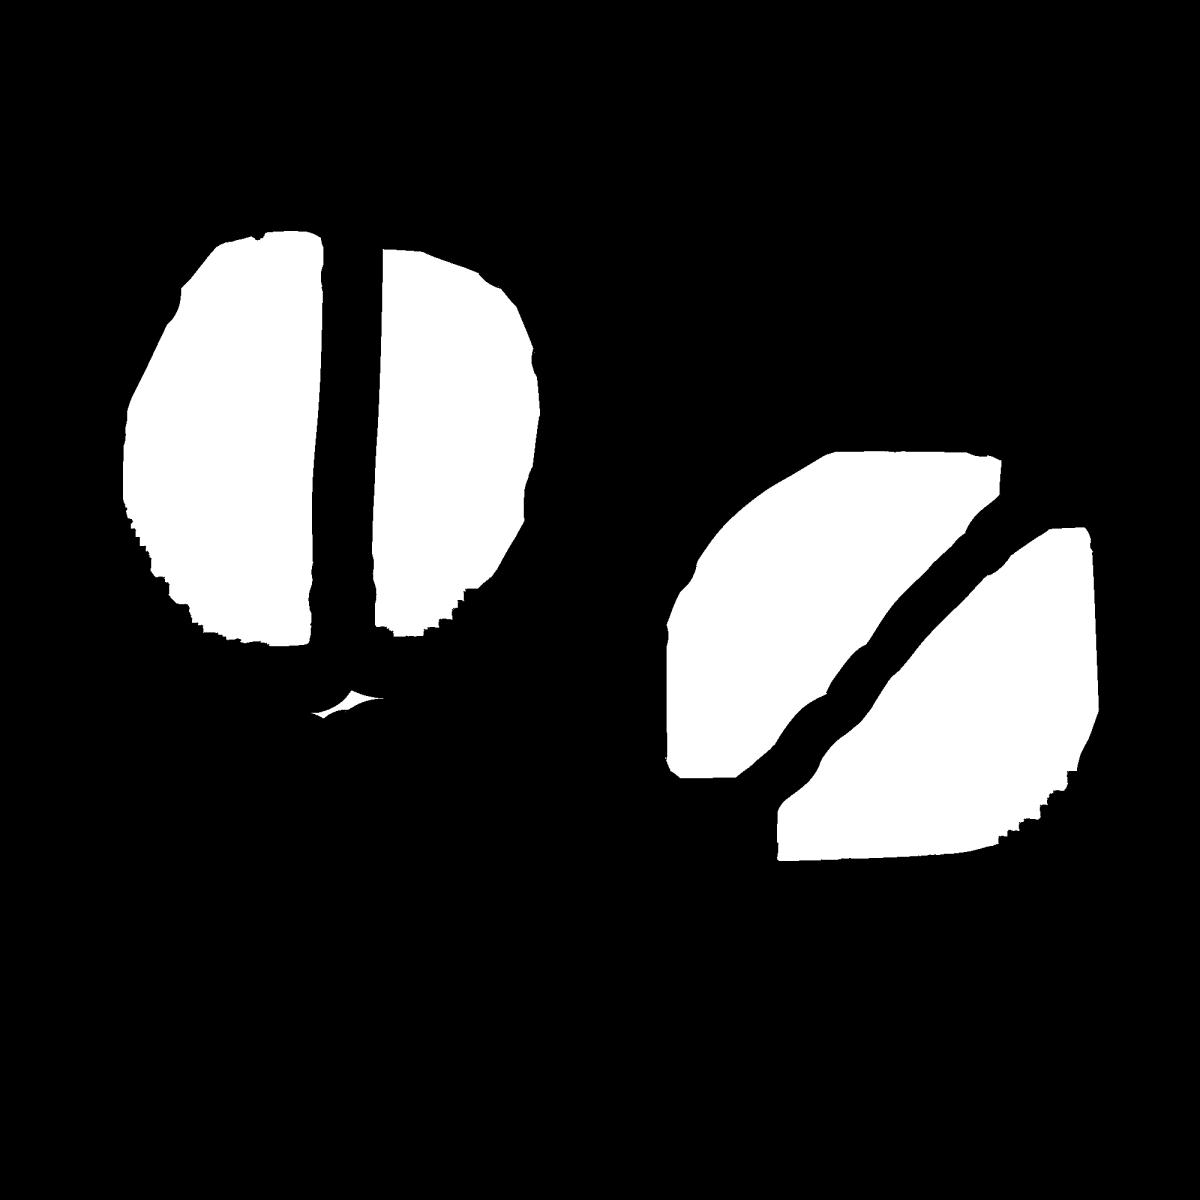 薬2(コーヒー豆)のイラスト / Drug2/Coffee beansドラッグ コーヒー豆 coffe Illustration